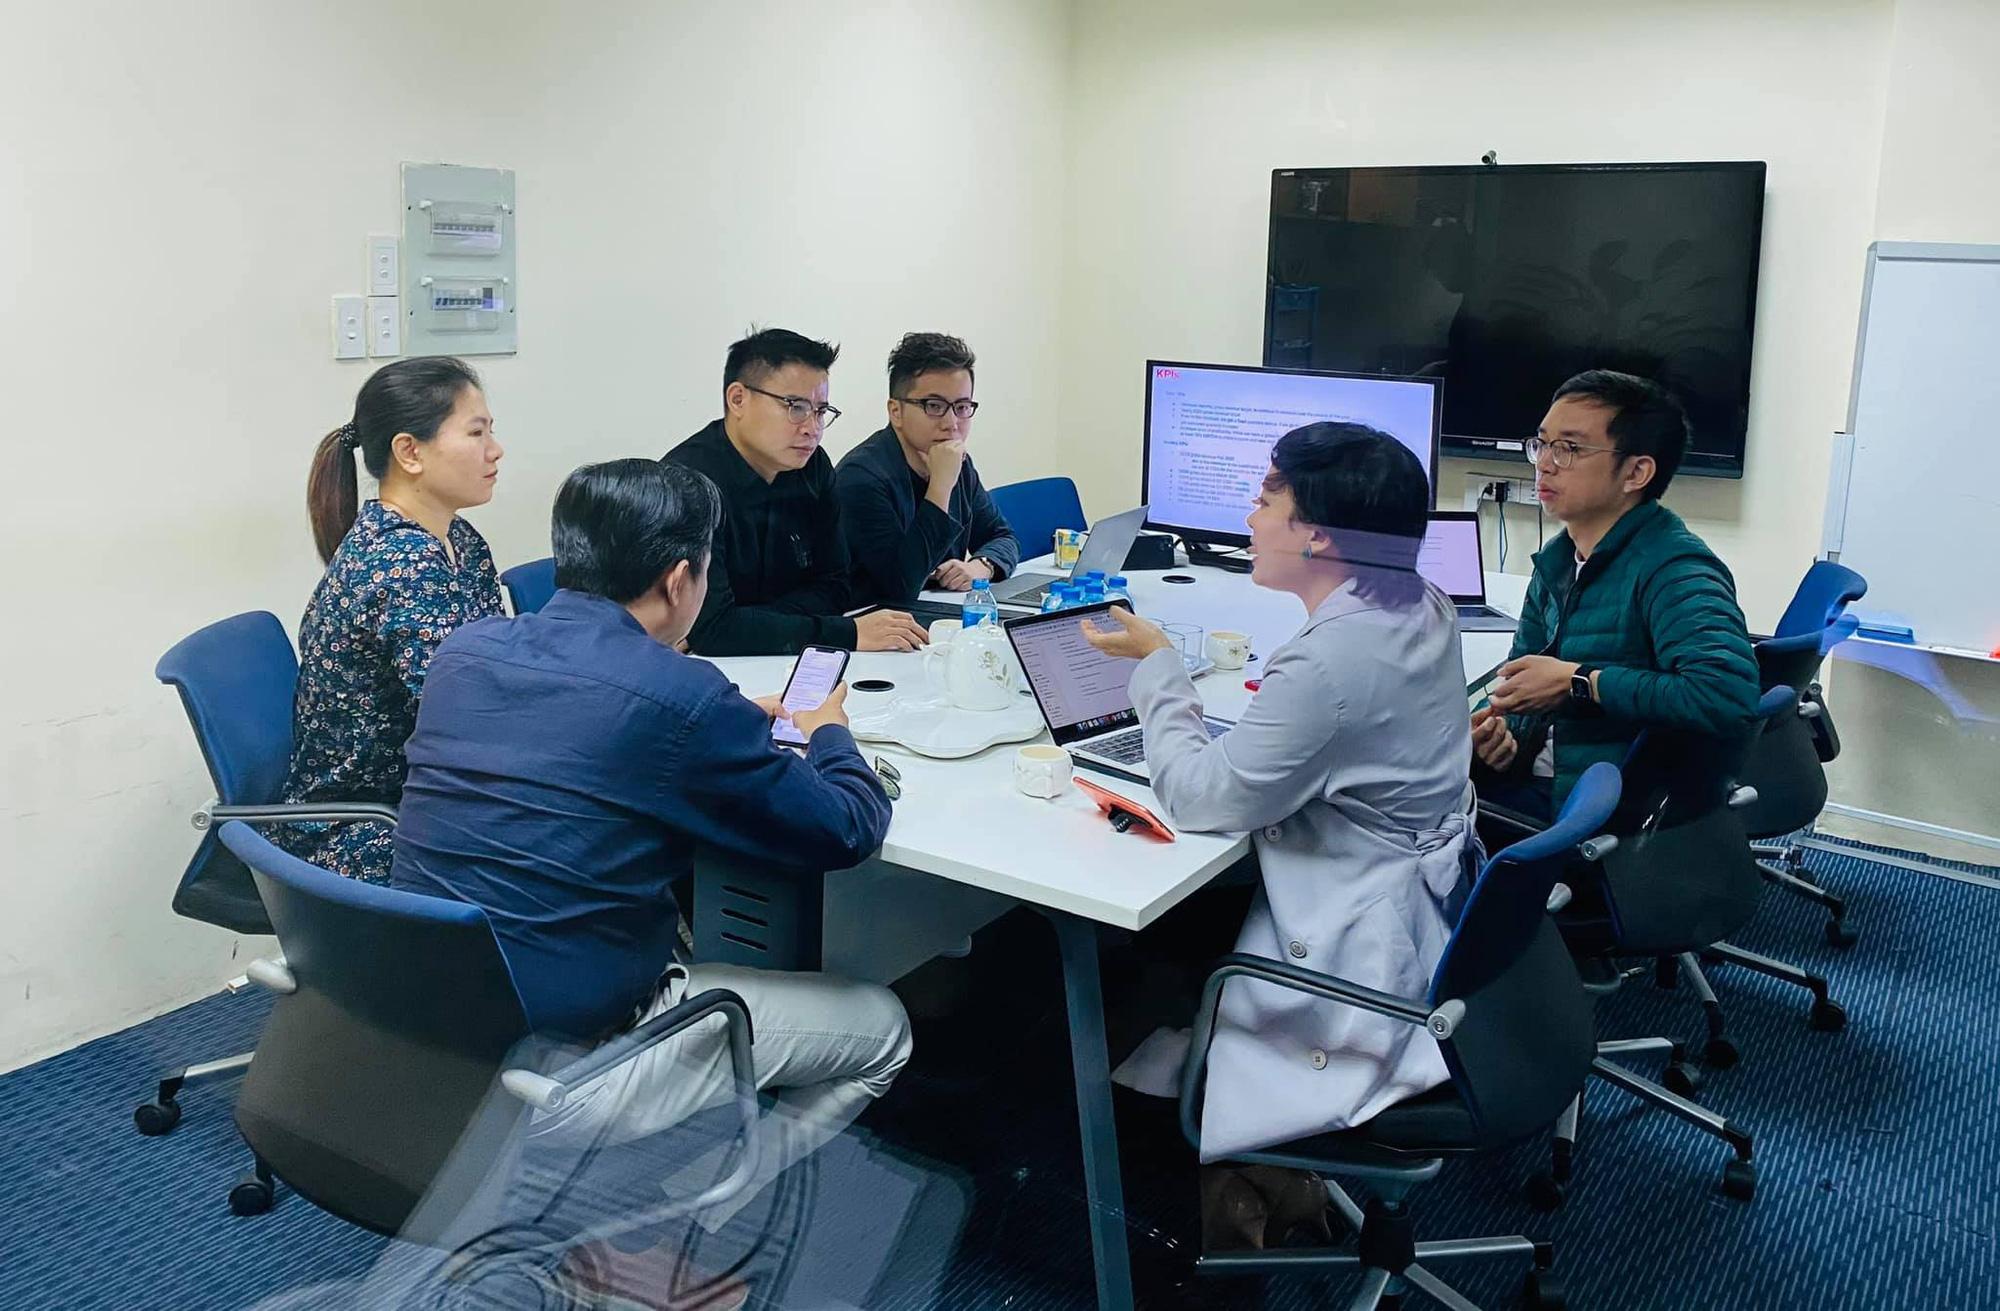 Sau Shark Bình và quỹ đầu tư Hàn Quốc, Startups bán áo thun online cho nam giới Coolmate tiếp tục nhận vốn từ quỹ VIC Partners - Ảnh 1.